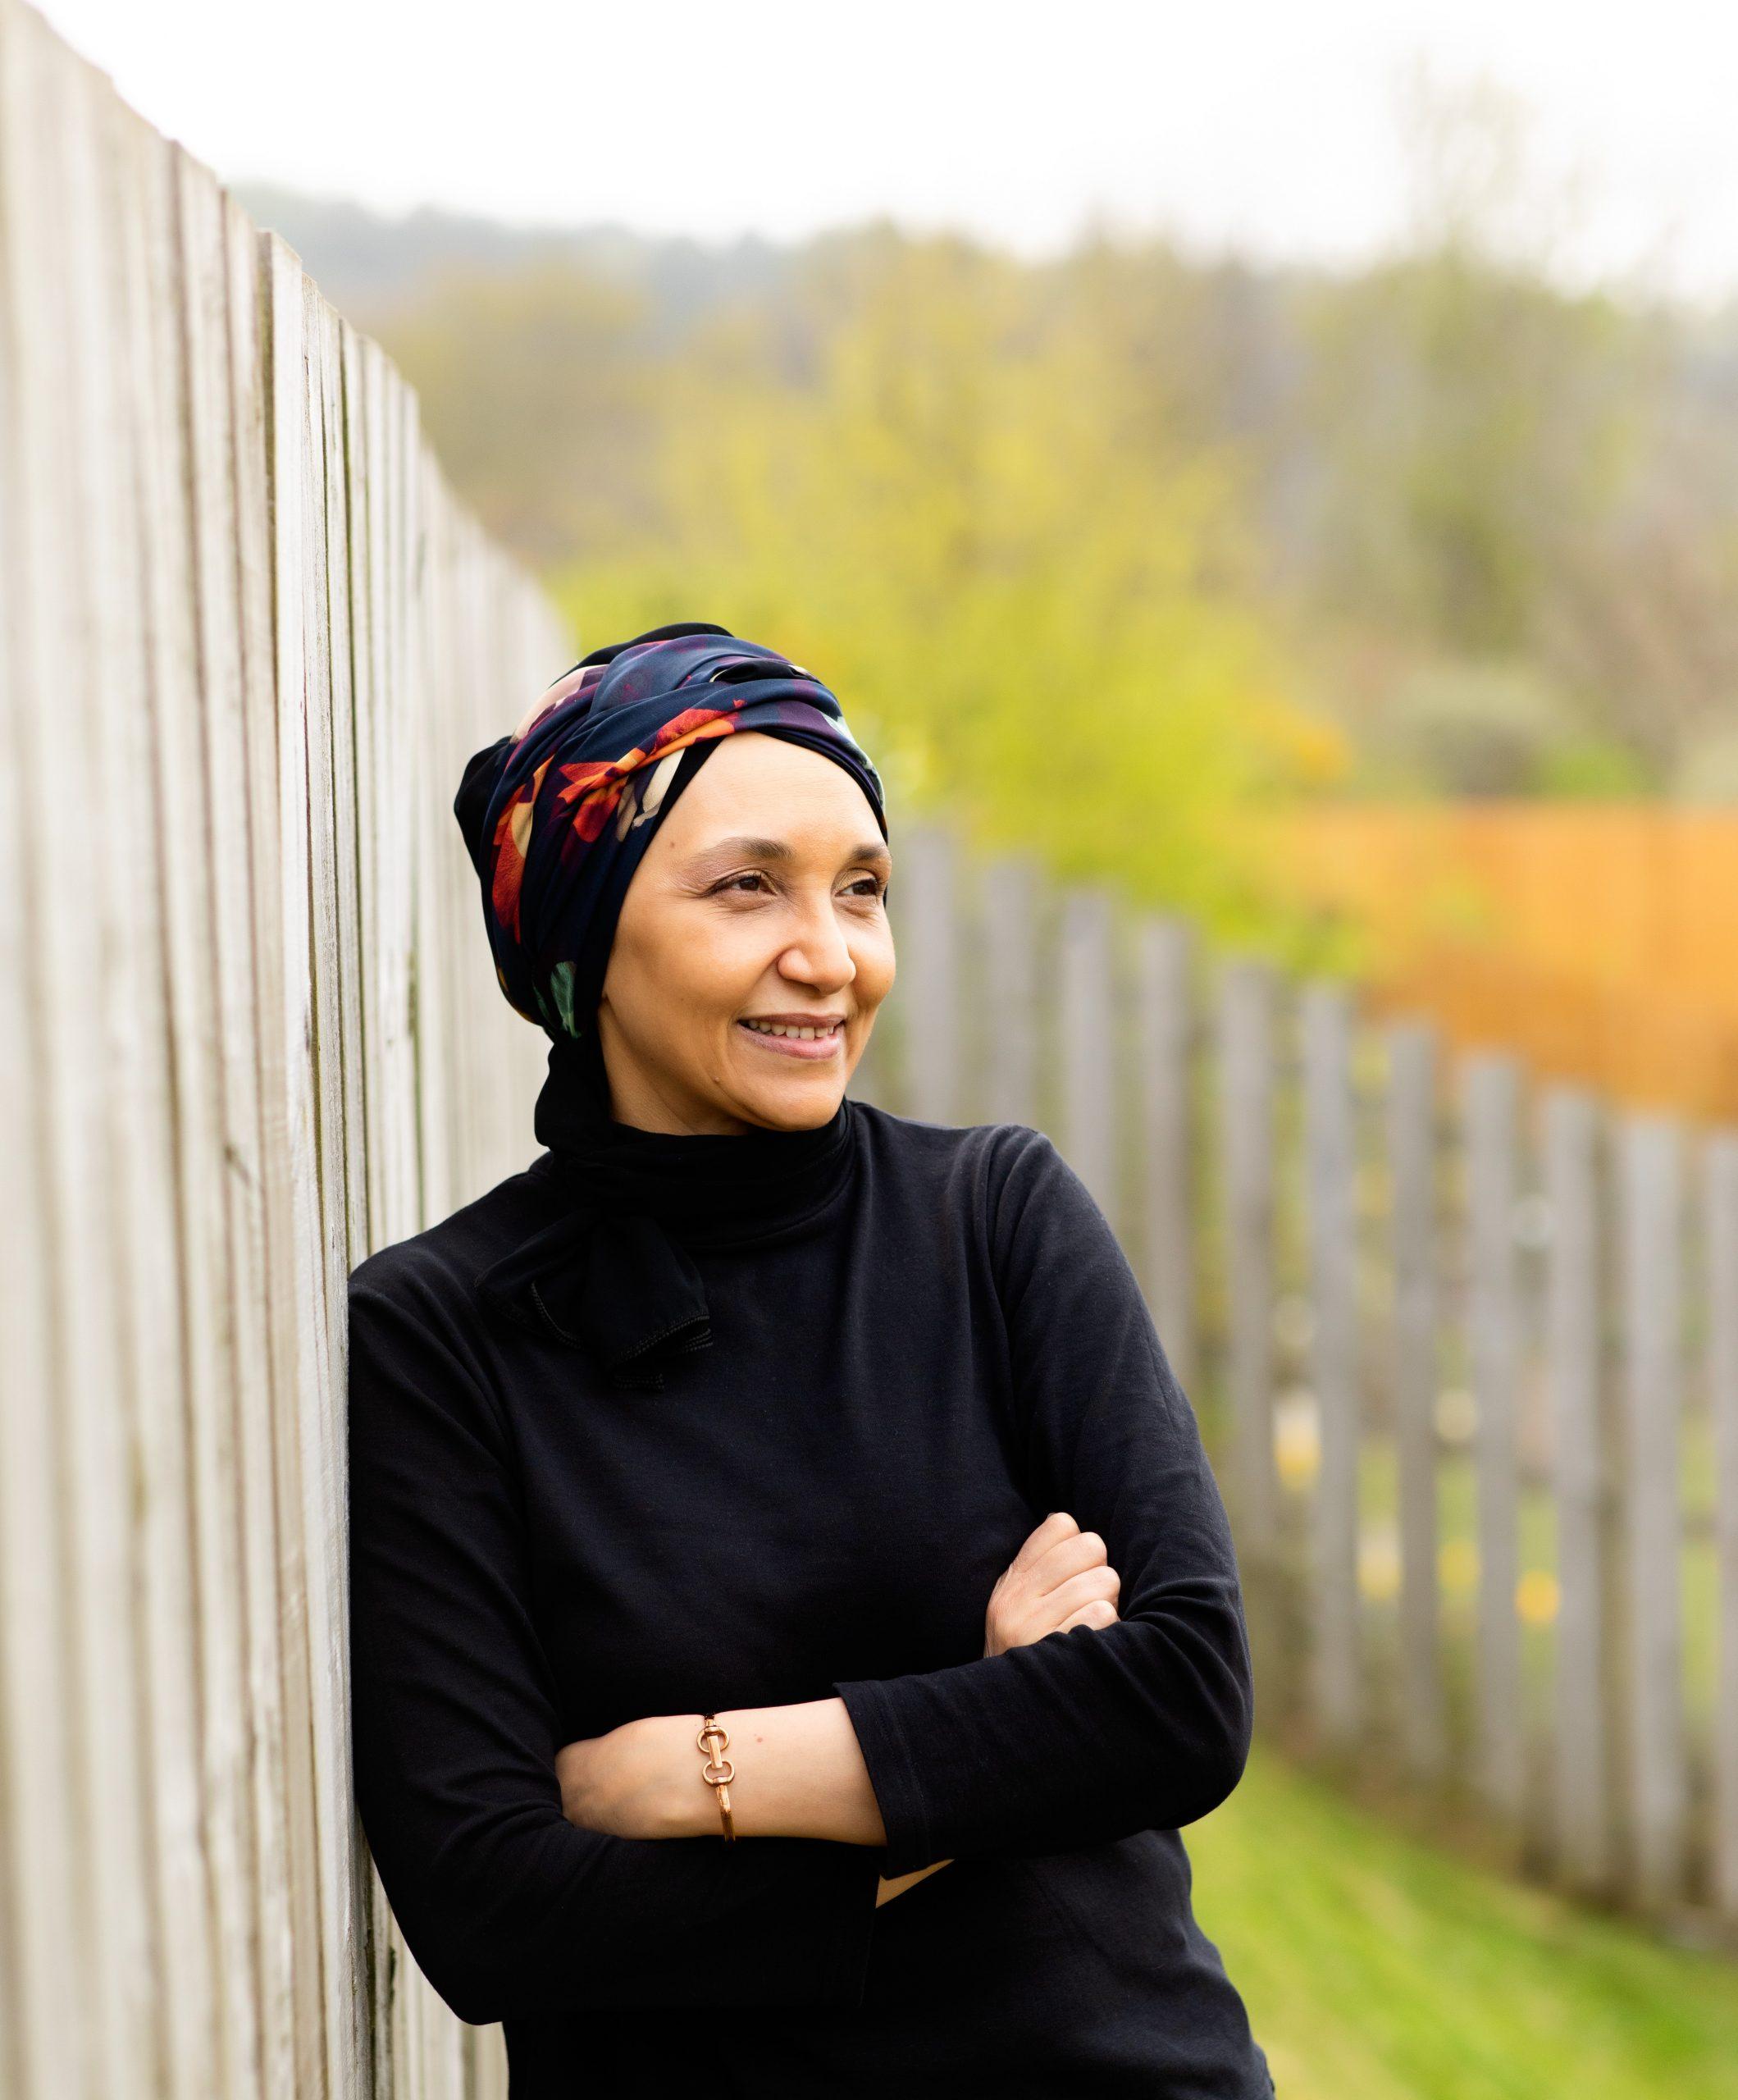 Leila Laboulela